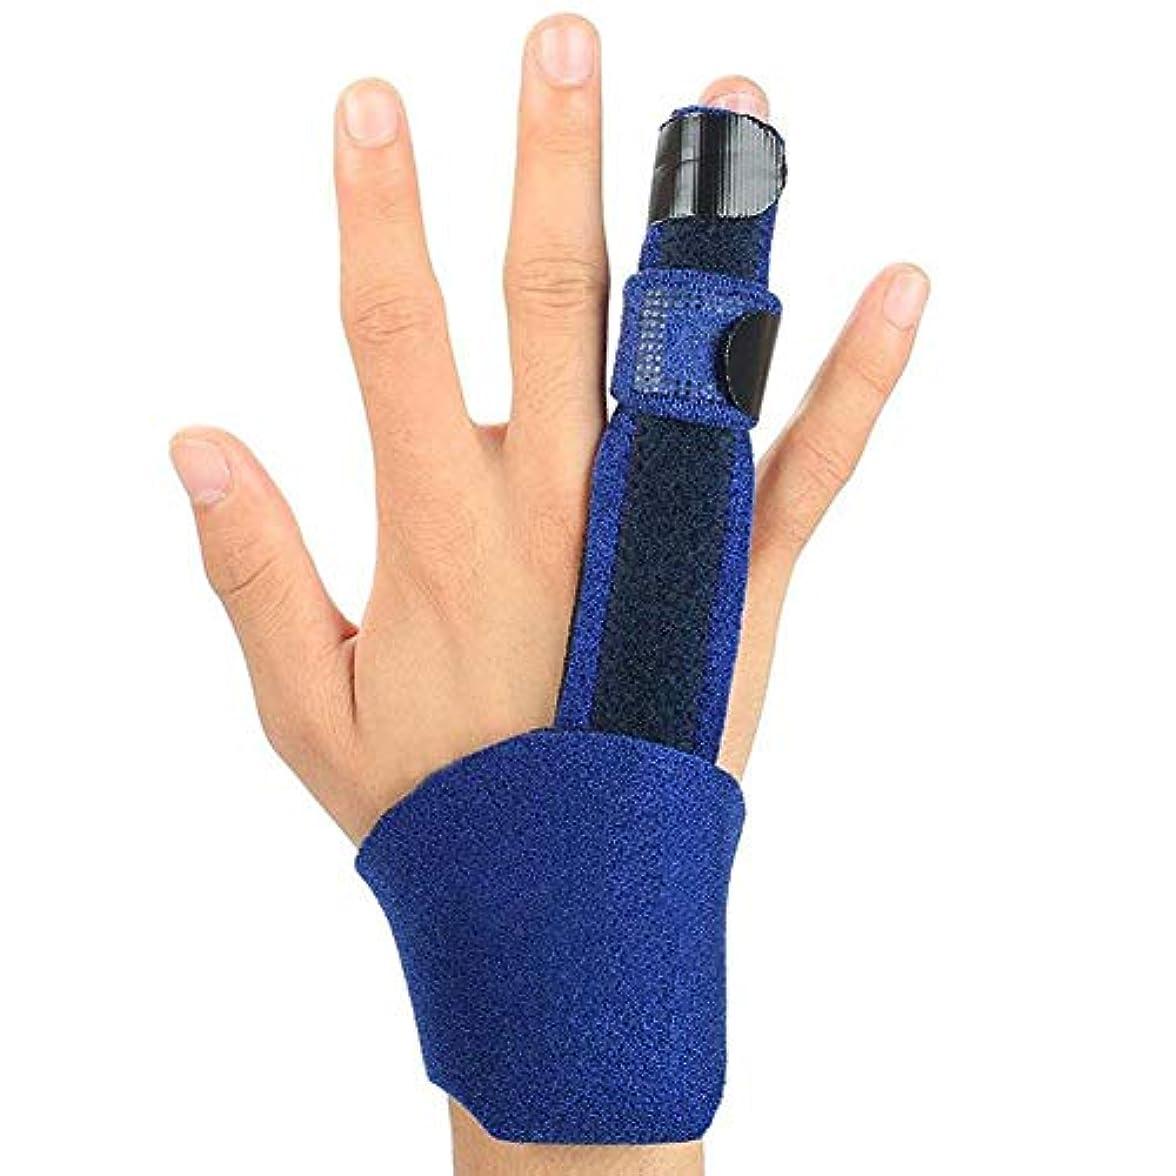 聴覚ゆるい夕方トリガー指スプリント、内蔵のアルミニウムを備えた調節可能な固定ベルト、腱炎、骨折または骨折した指の痛みを軽減します。